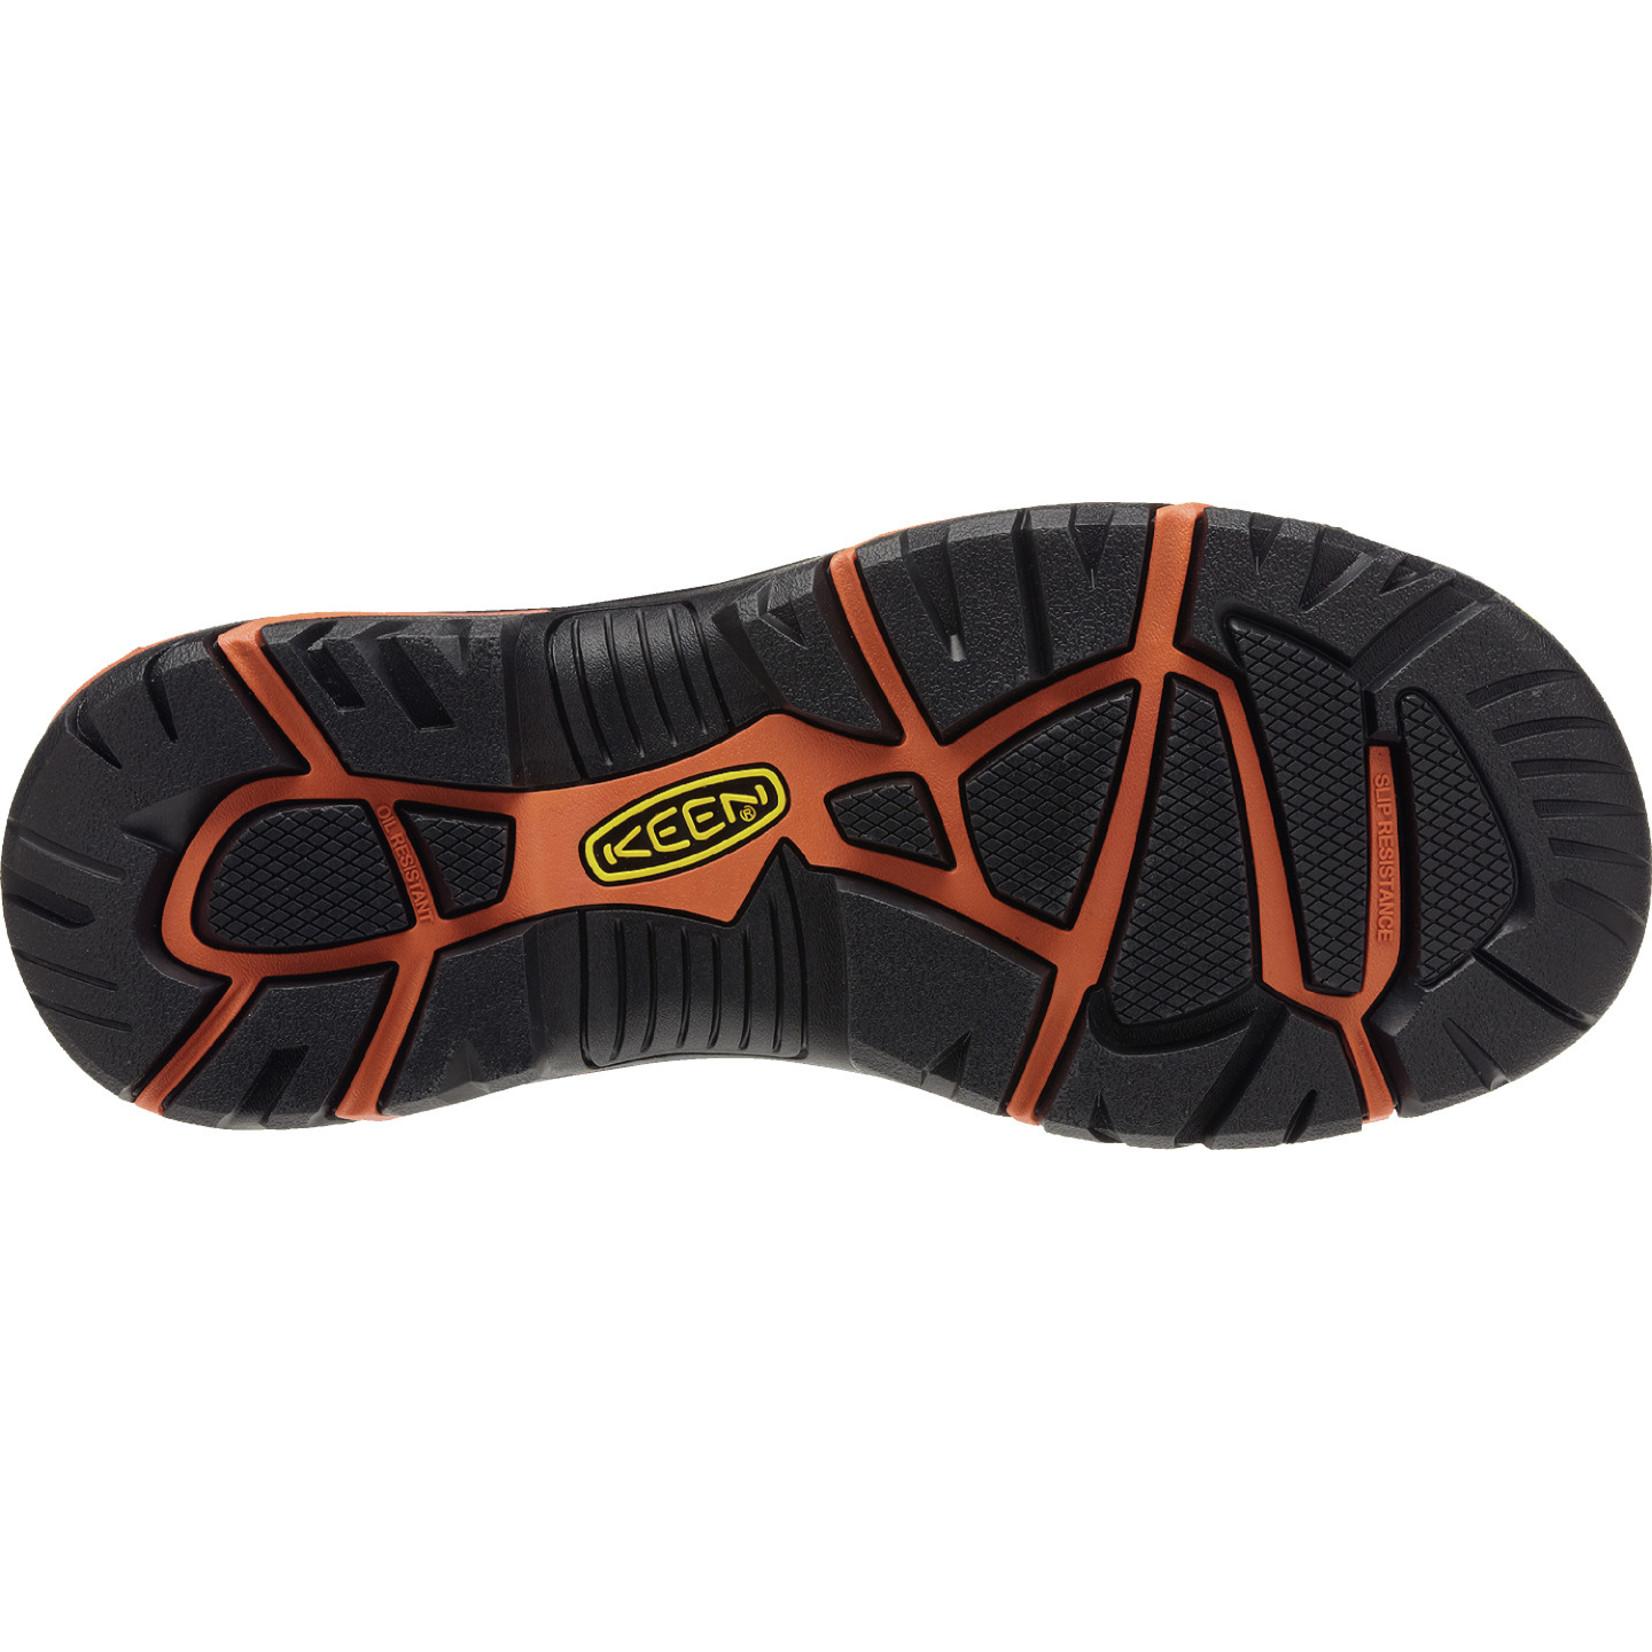 Keen Men's Keen Steel Toe Braddock Low Black/Bossa Nova 1011244